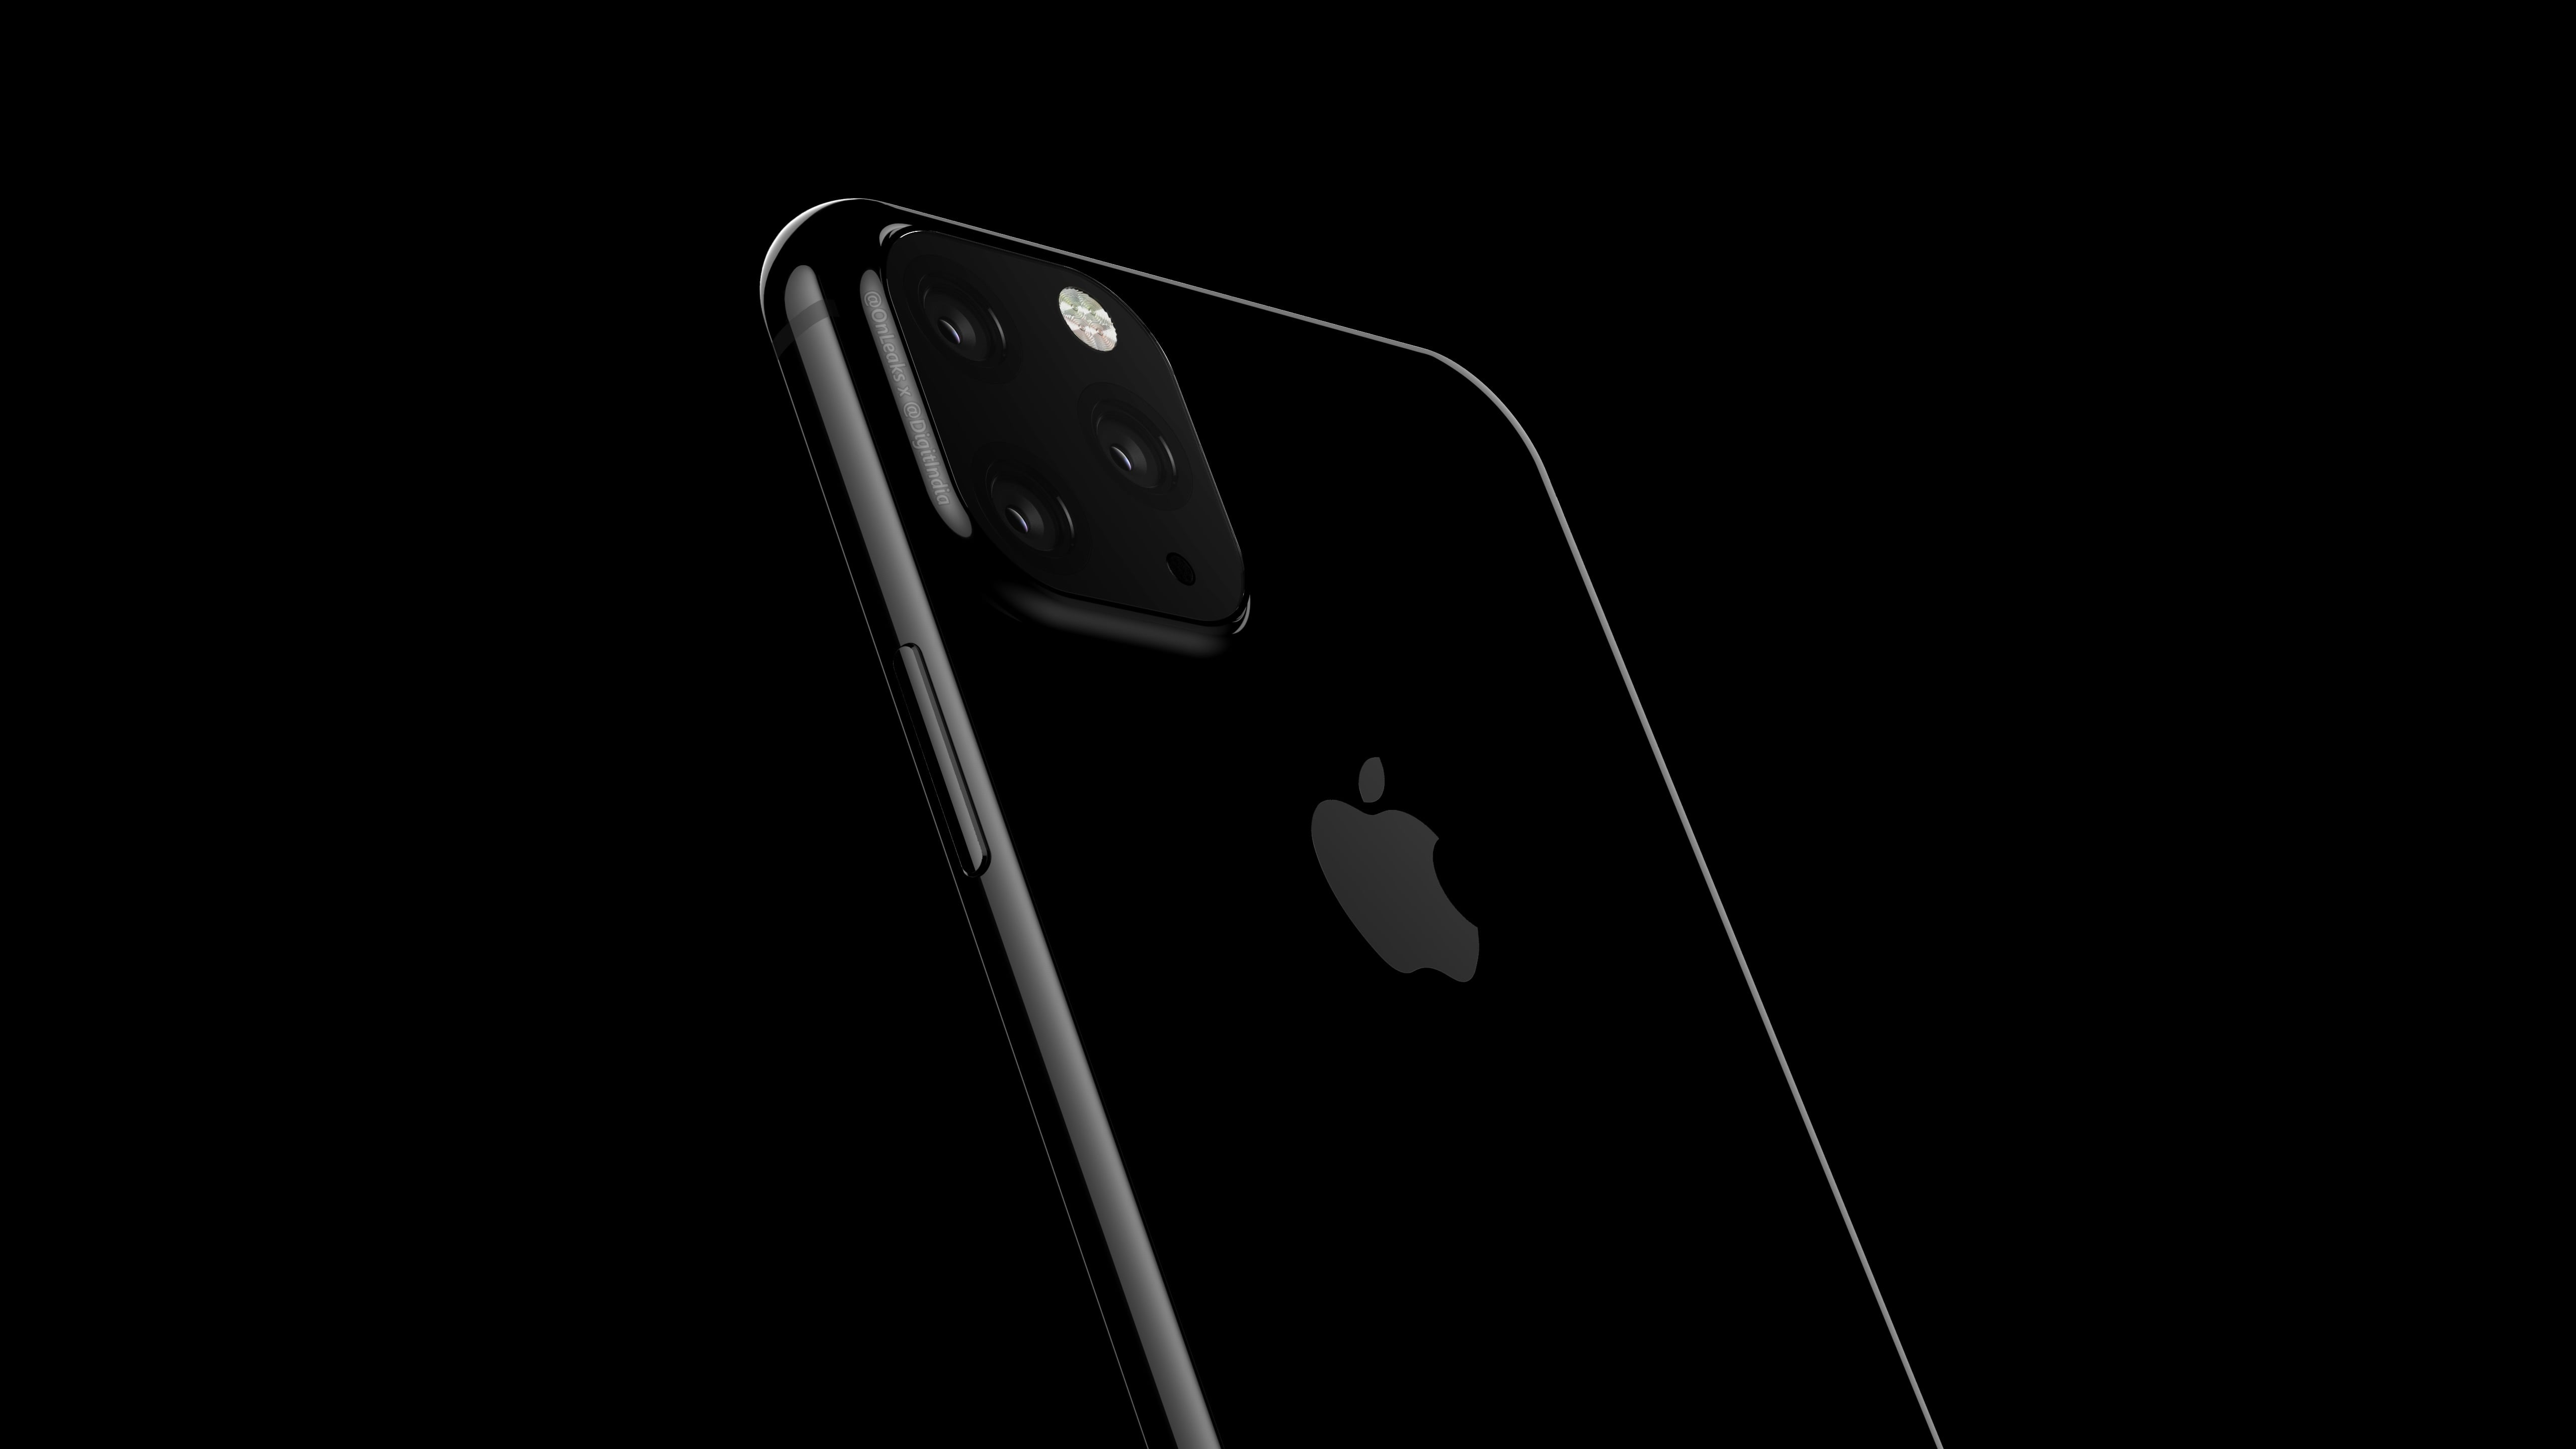 Następca iPhone'a XS Max ze złączem USB-C, trzema kamerami i iOS 13 z Dark Mode? 23